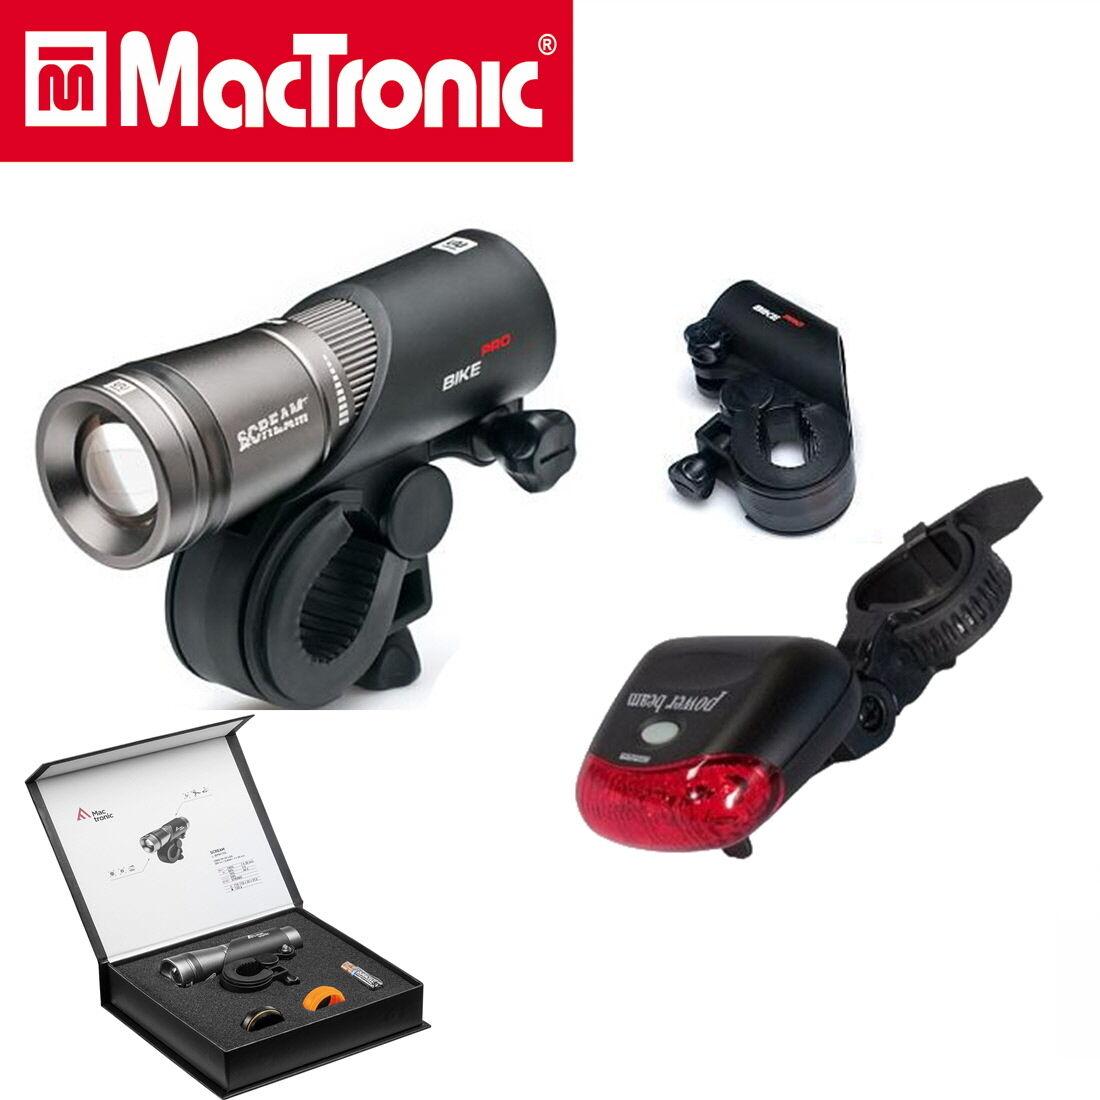 MACTRONIC Scream Zusatzeuchte Licht SET Multifunktions Taschen Lampe BPM170L Set